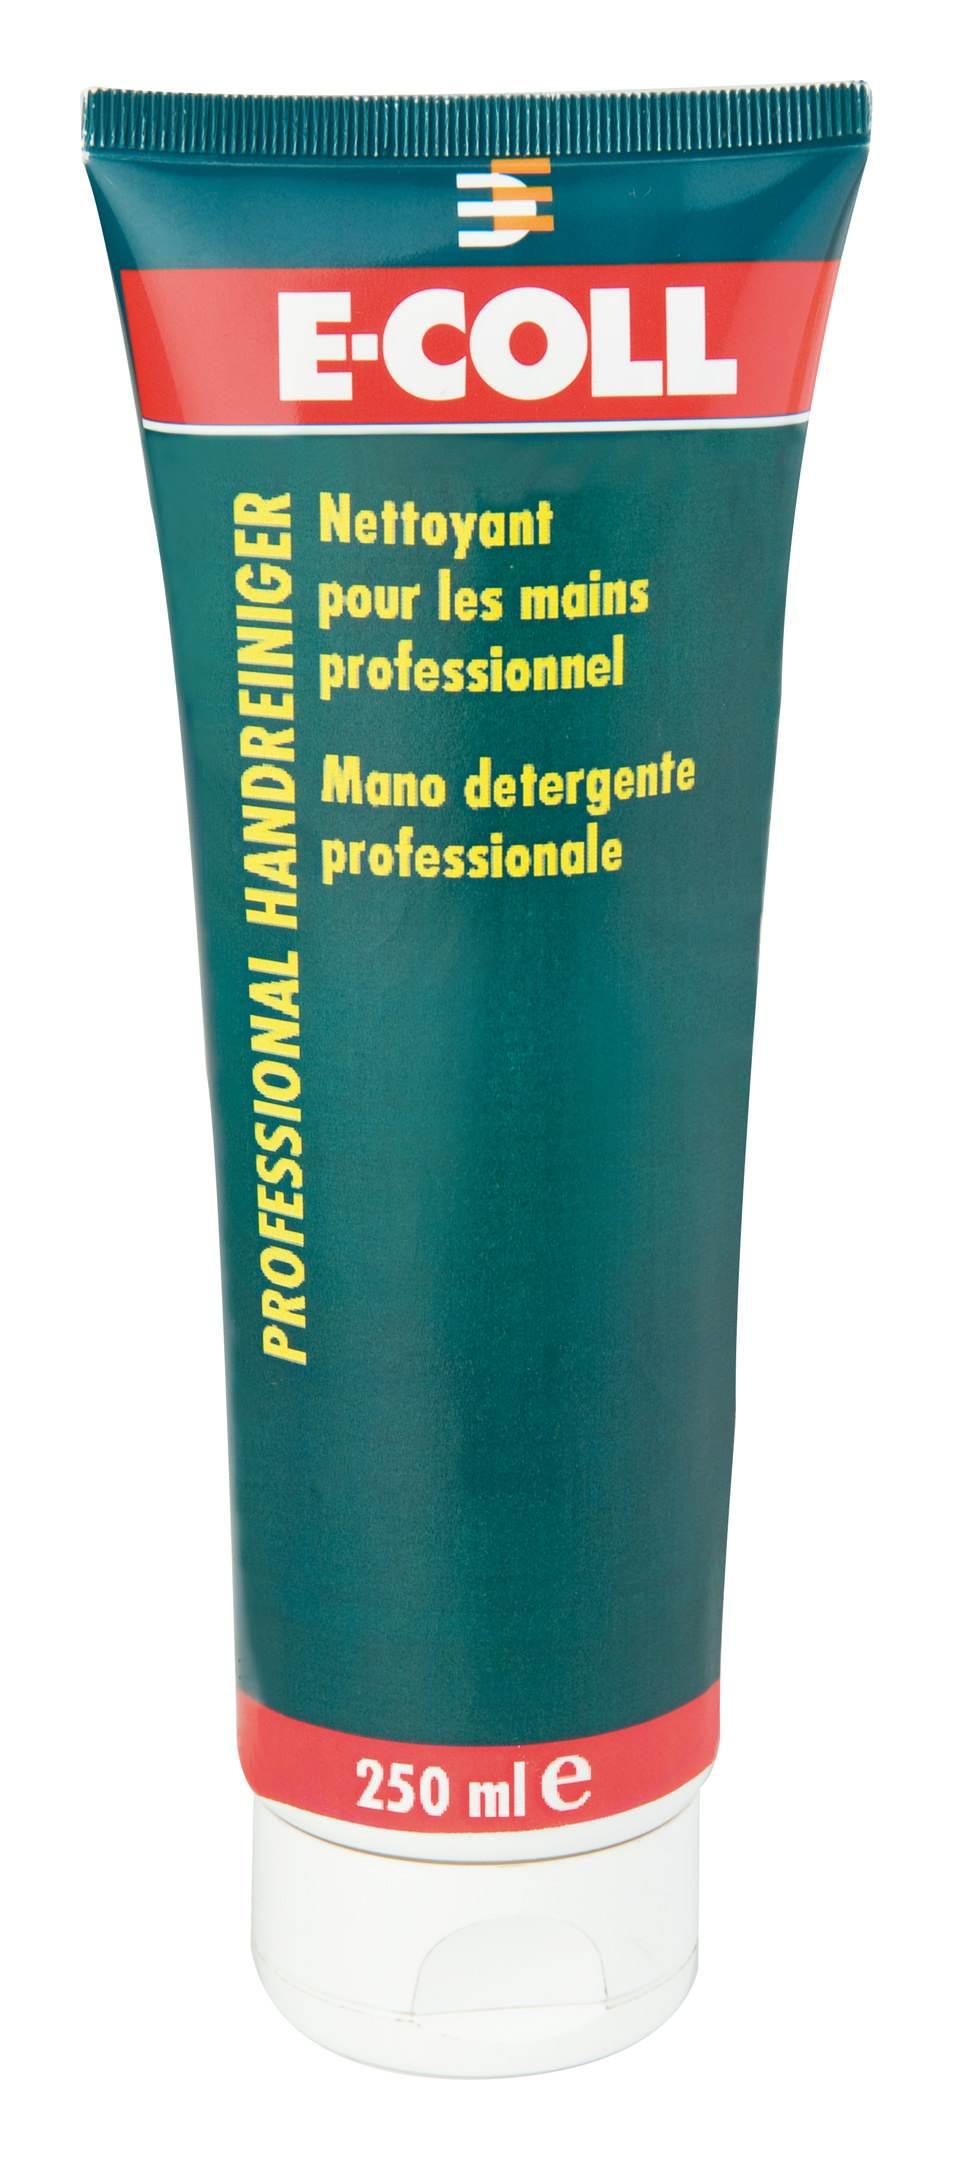 E-Coll Professional Handreiniger 250 ml